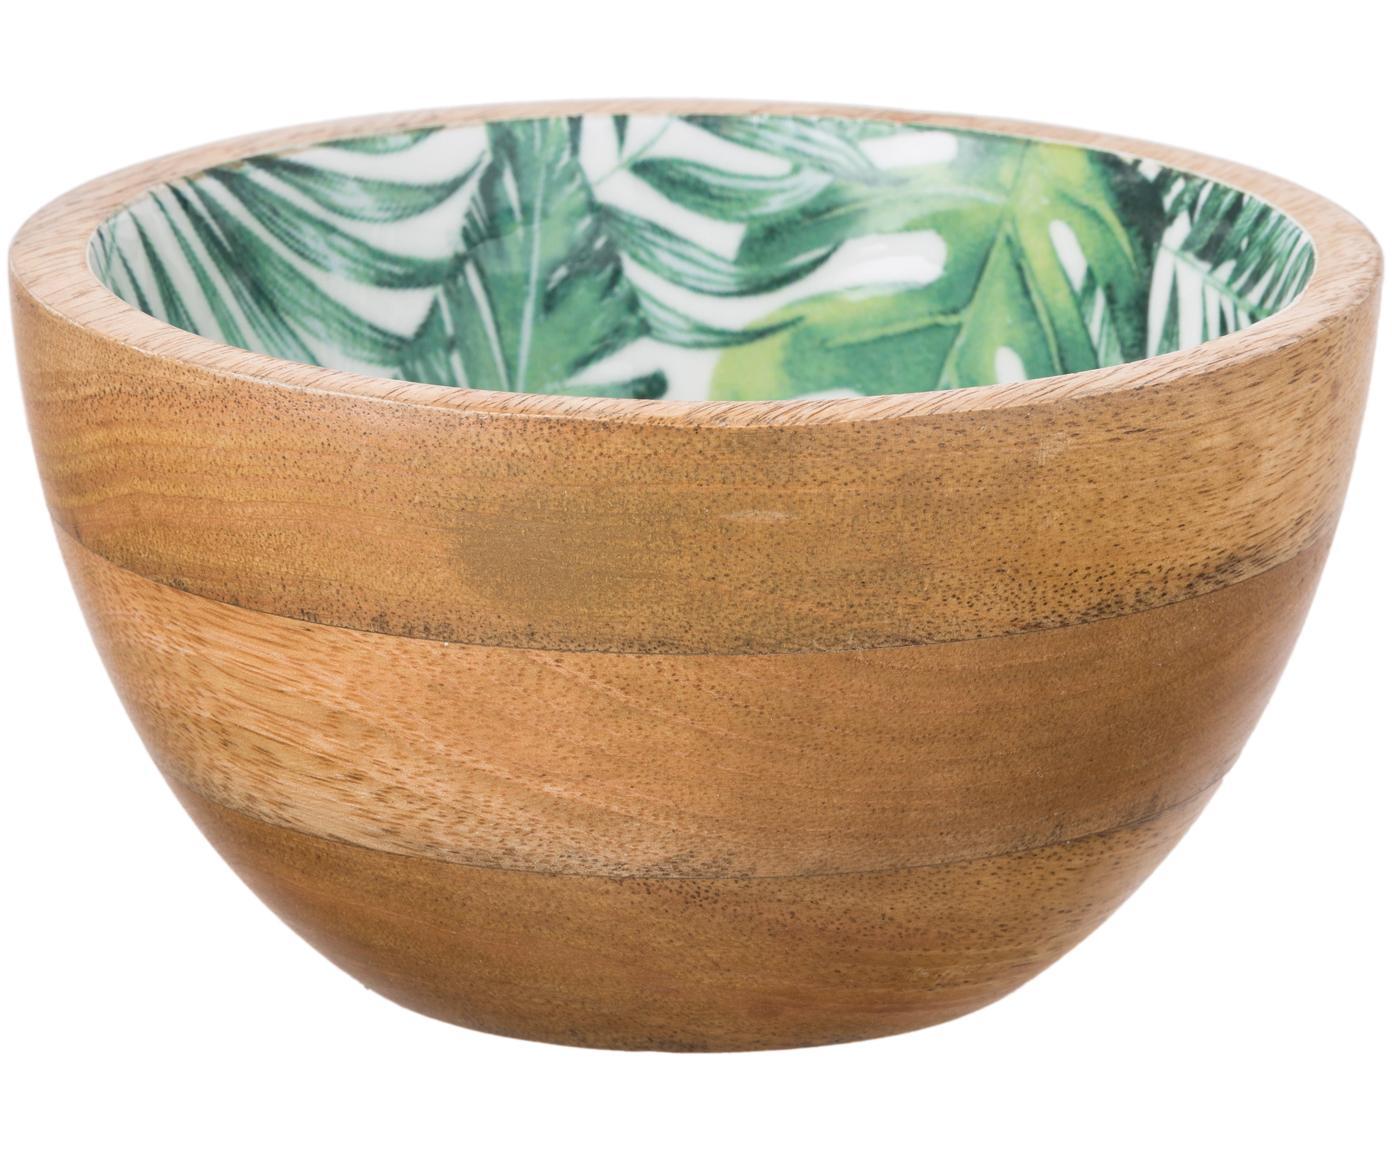 Cuenco Alina, Madera de mango, Madera de mango, verde, blanco, Ø 16 x Al 9 cm